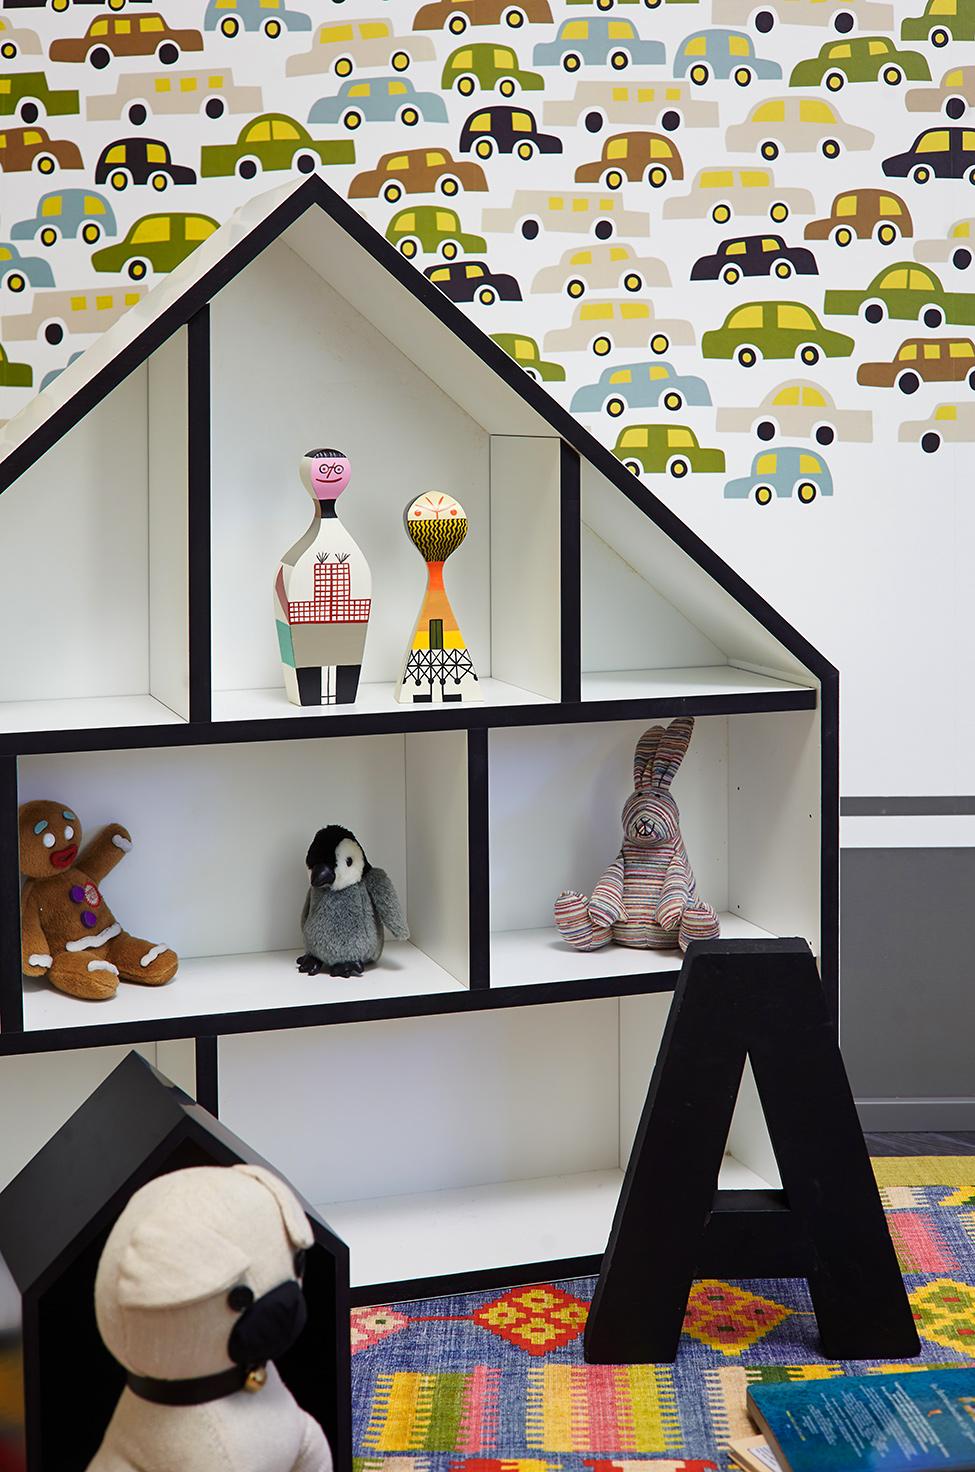 Домик с игрушками в детской